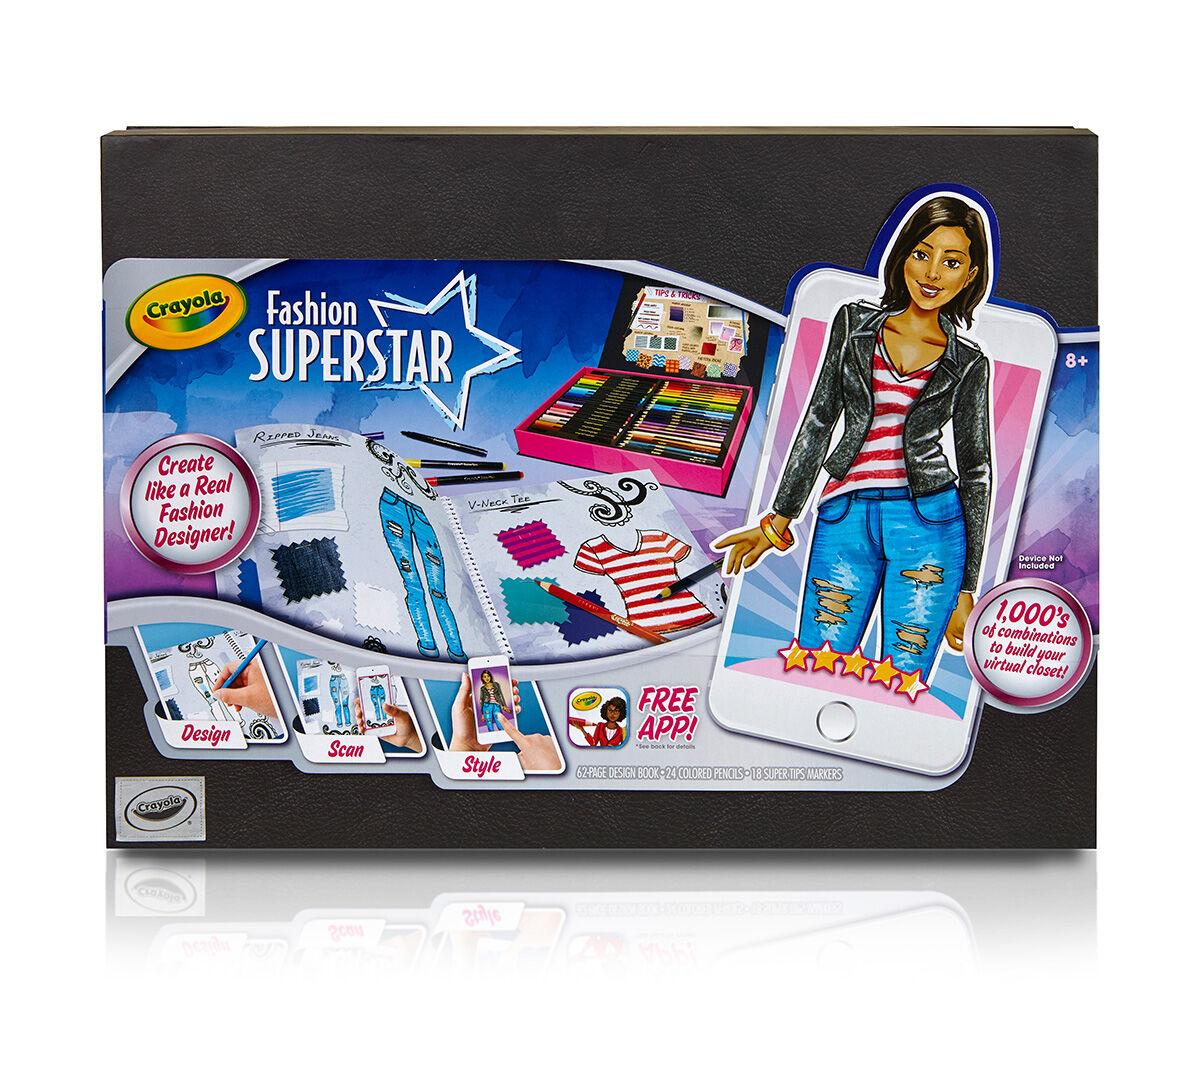 86ebcfae6aa Fashion Superstar Open kit 3